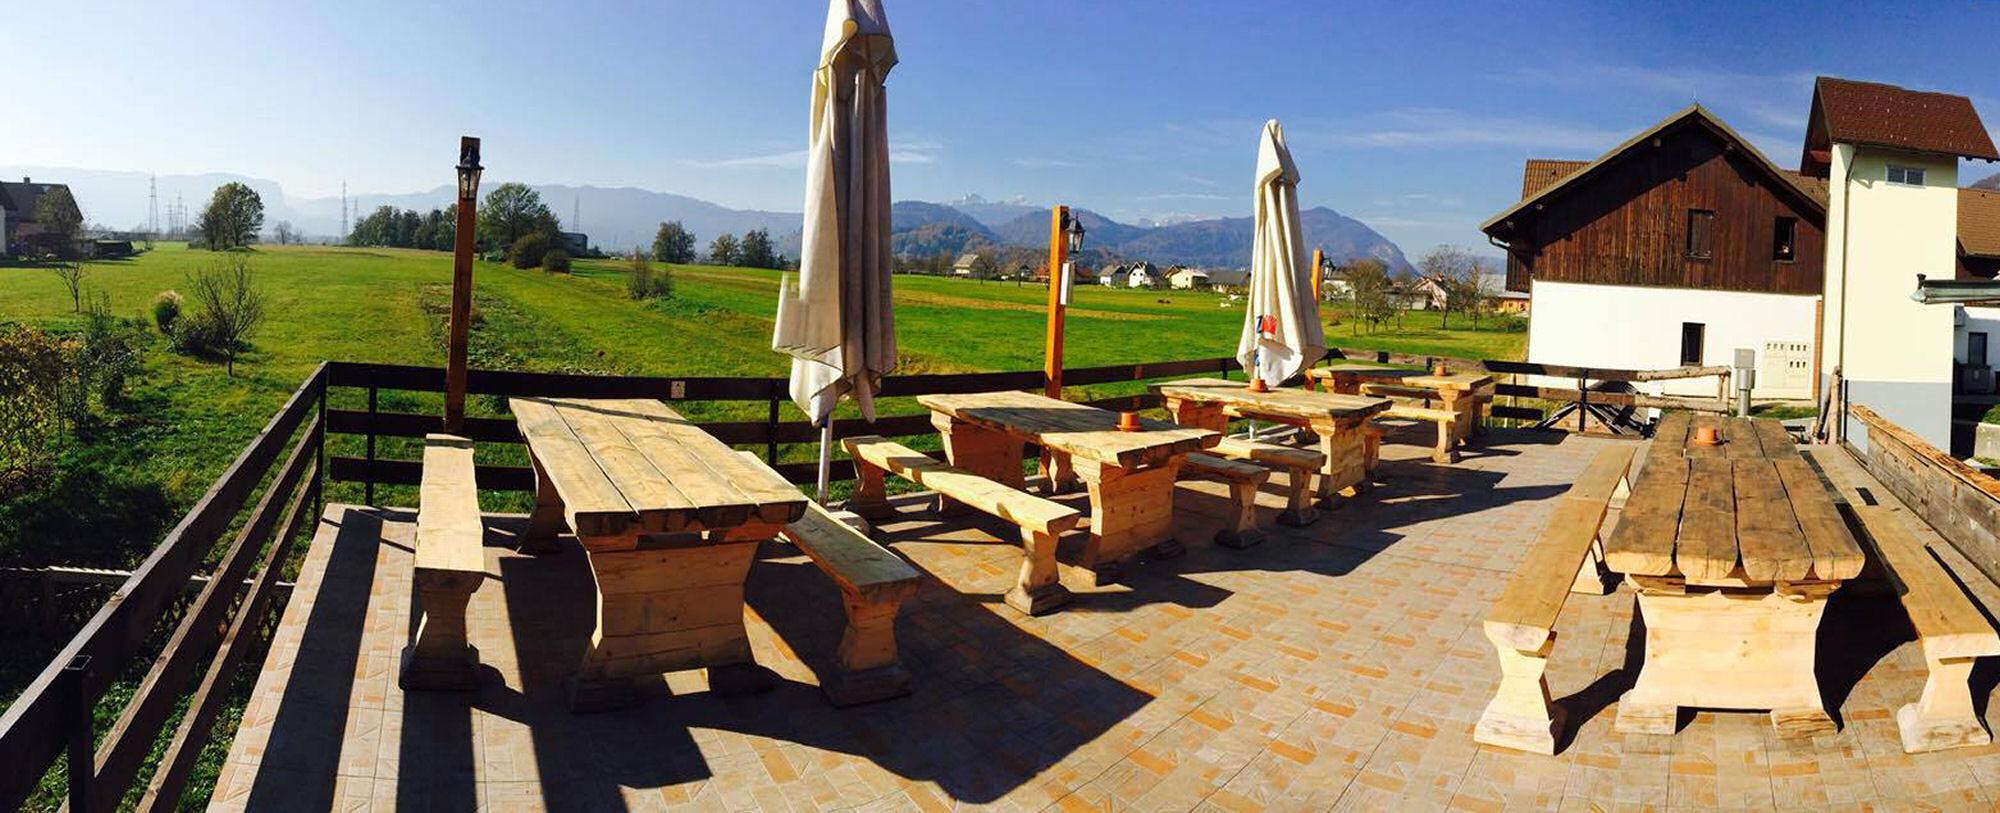 pizzeria-pri-daretu-upper-terrace-view